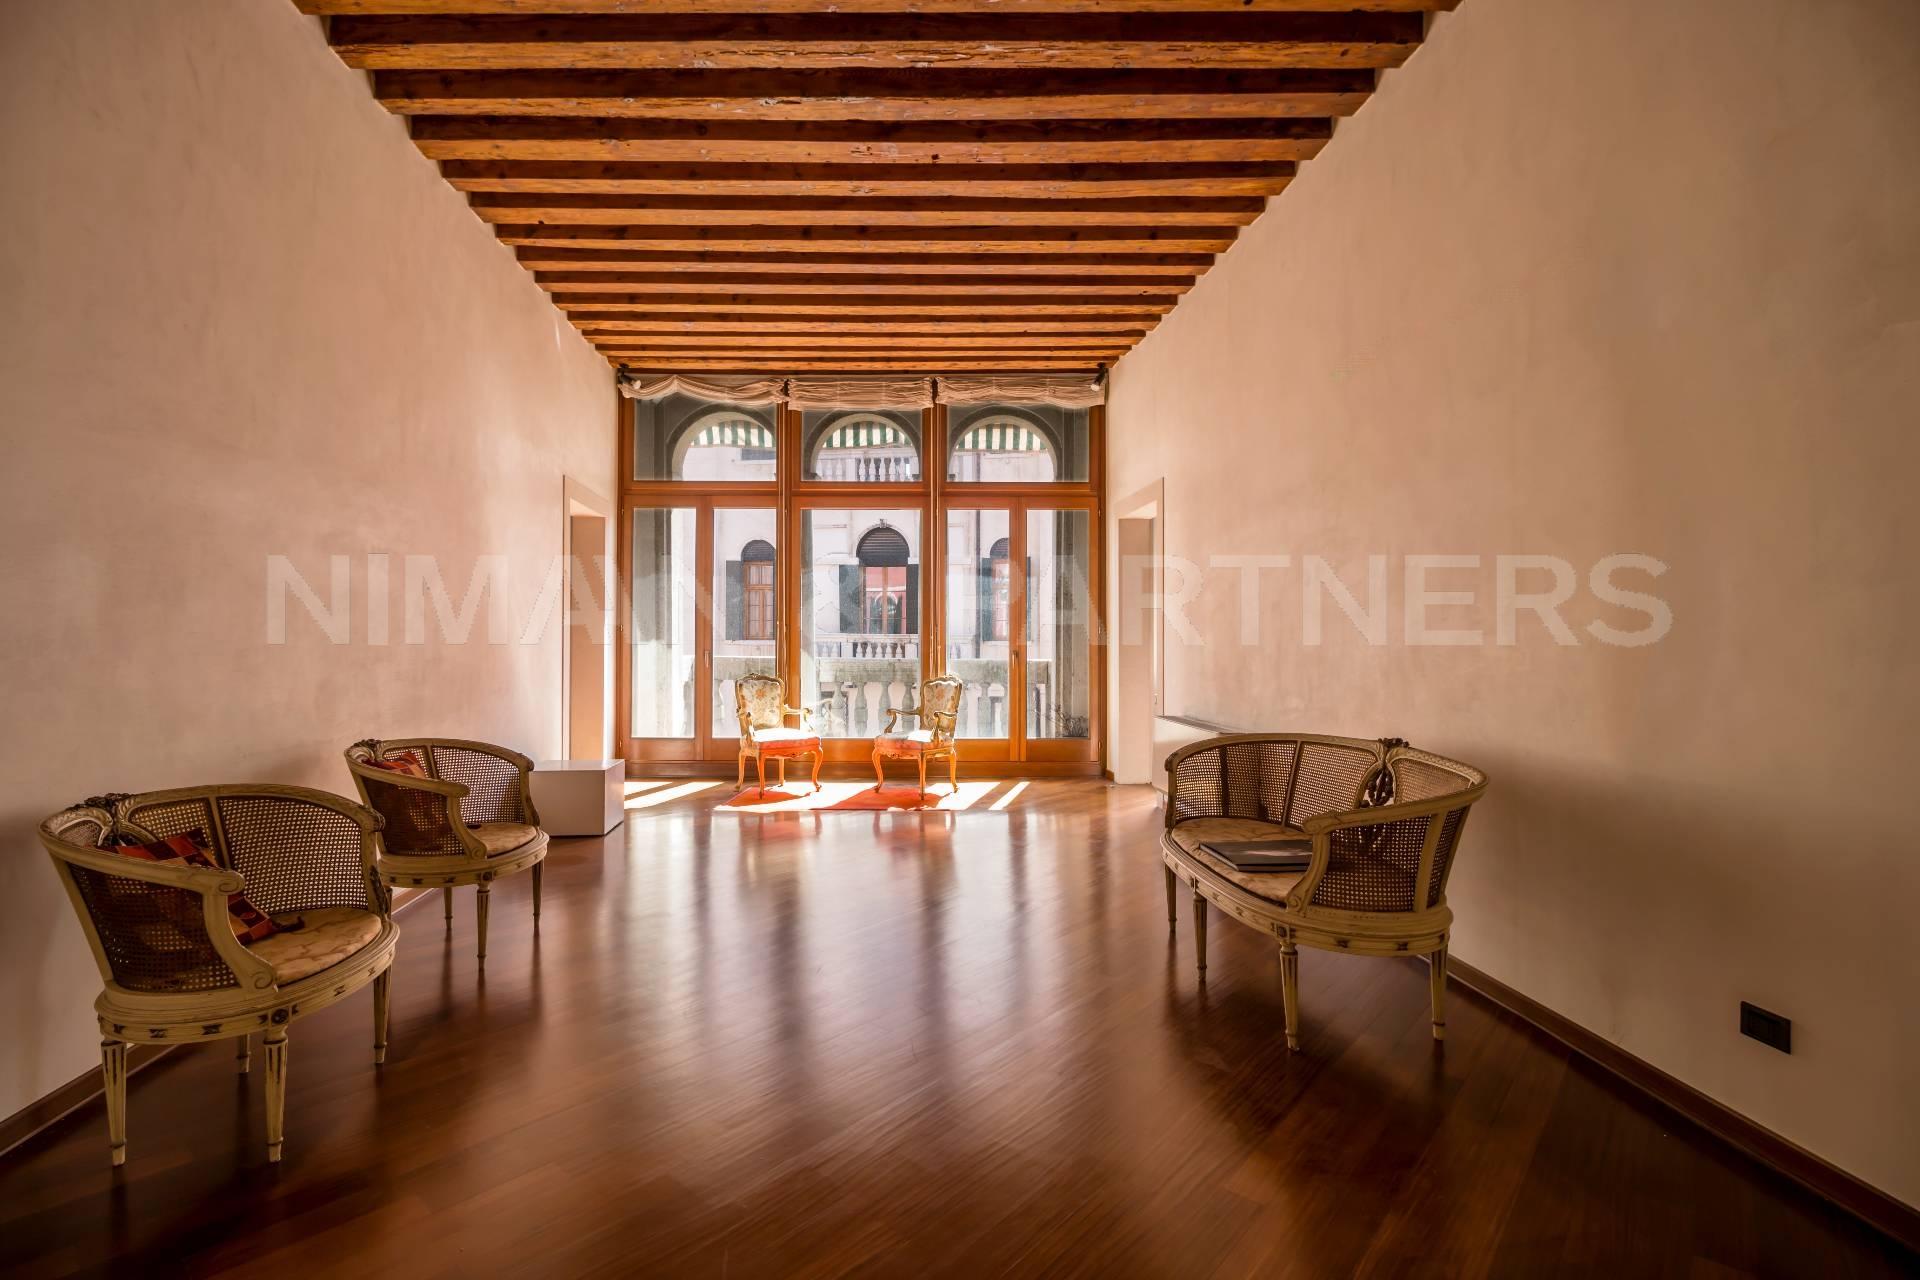 Appartamento in vendita a Venezia, 5 locali, zona Zona: 3 . Cannaregio, prezzo € 1.400.000   CambioCasa.it